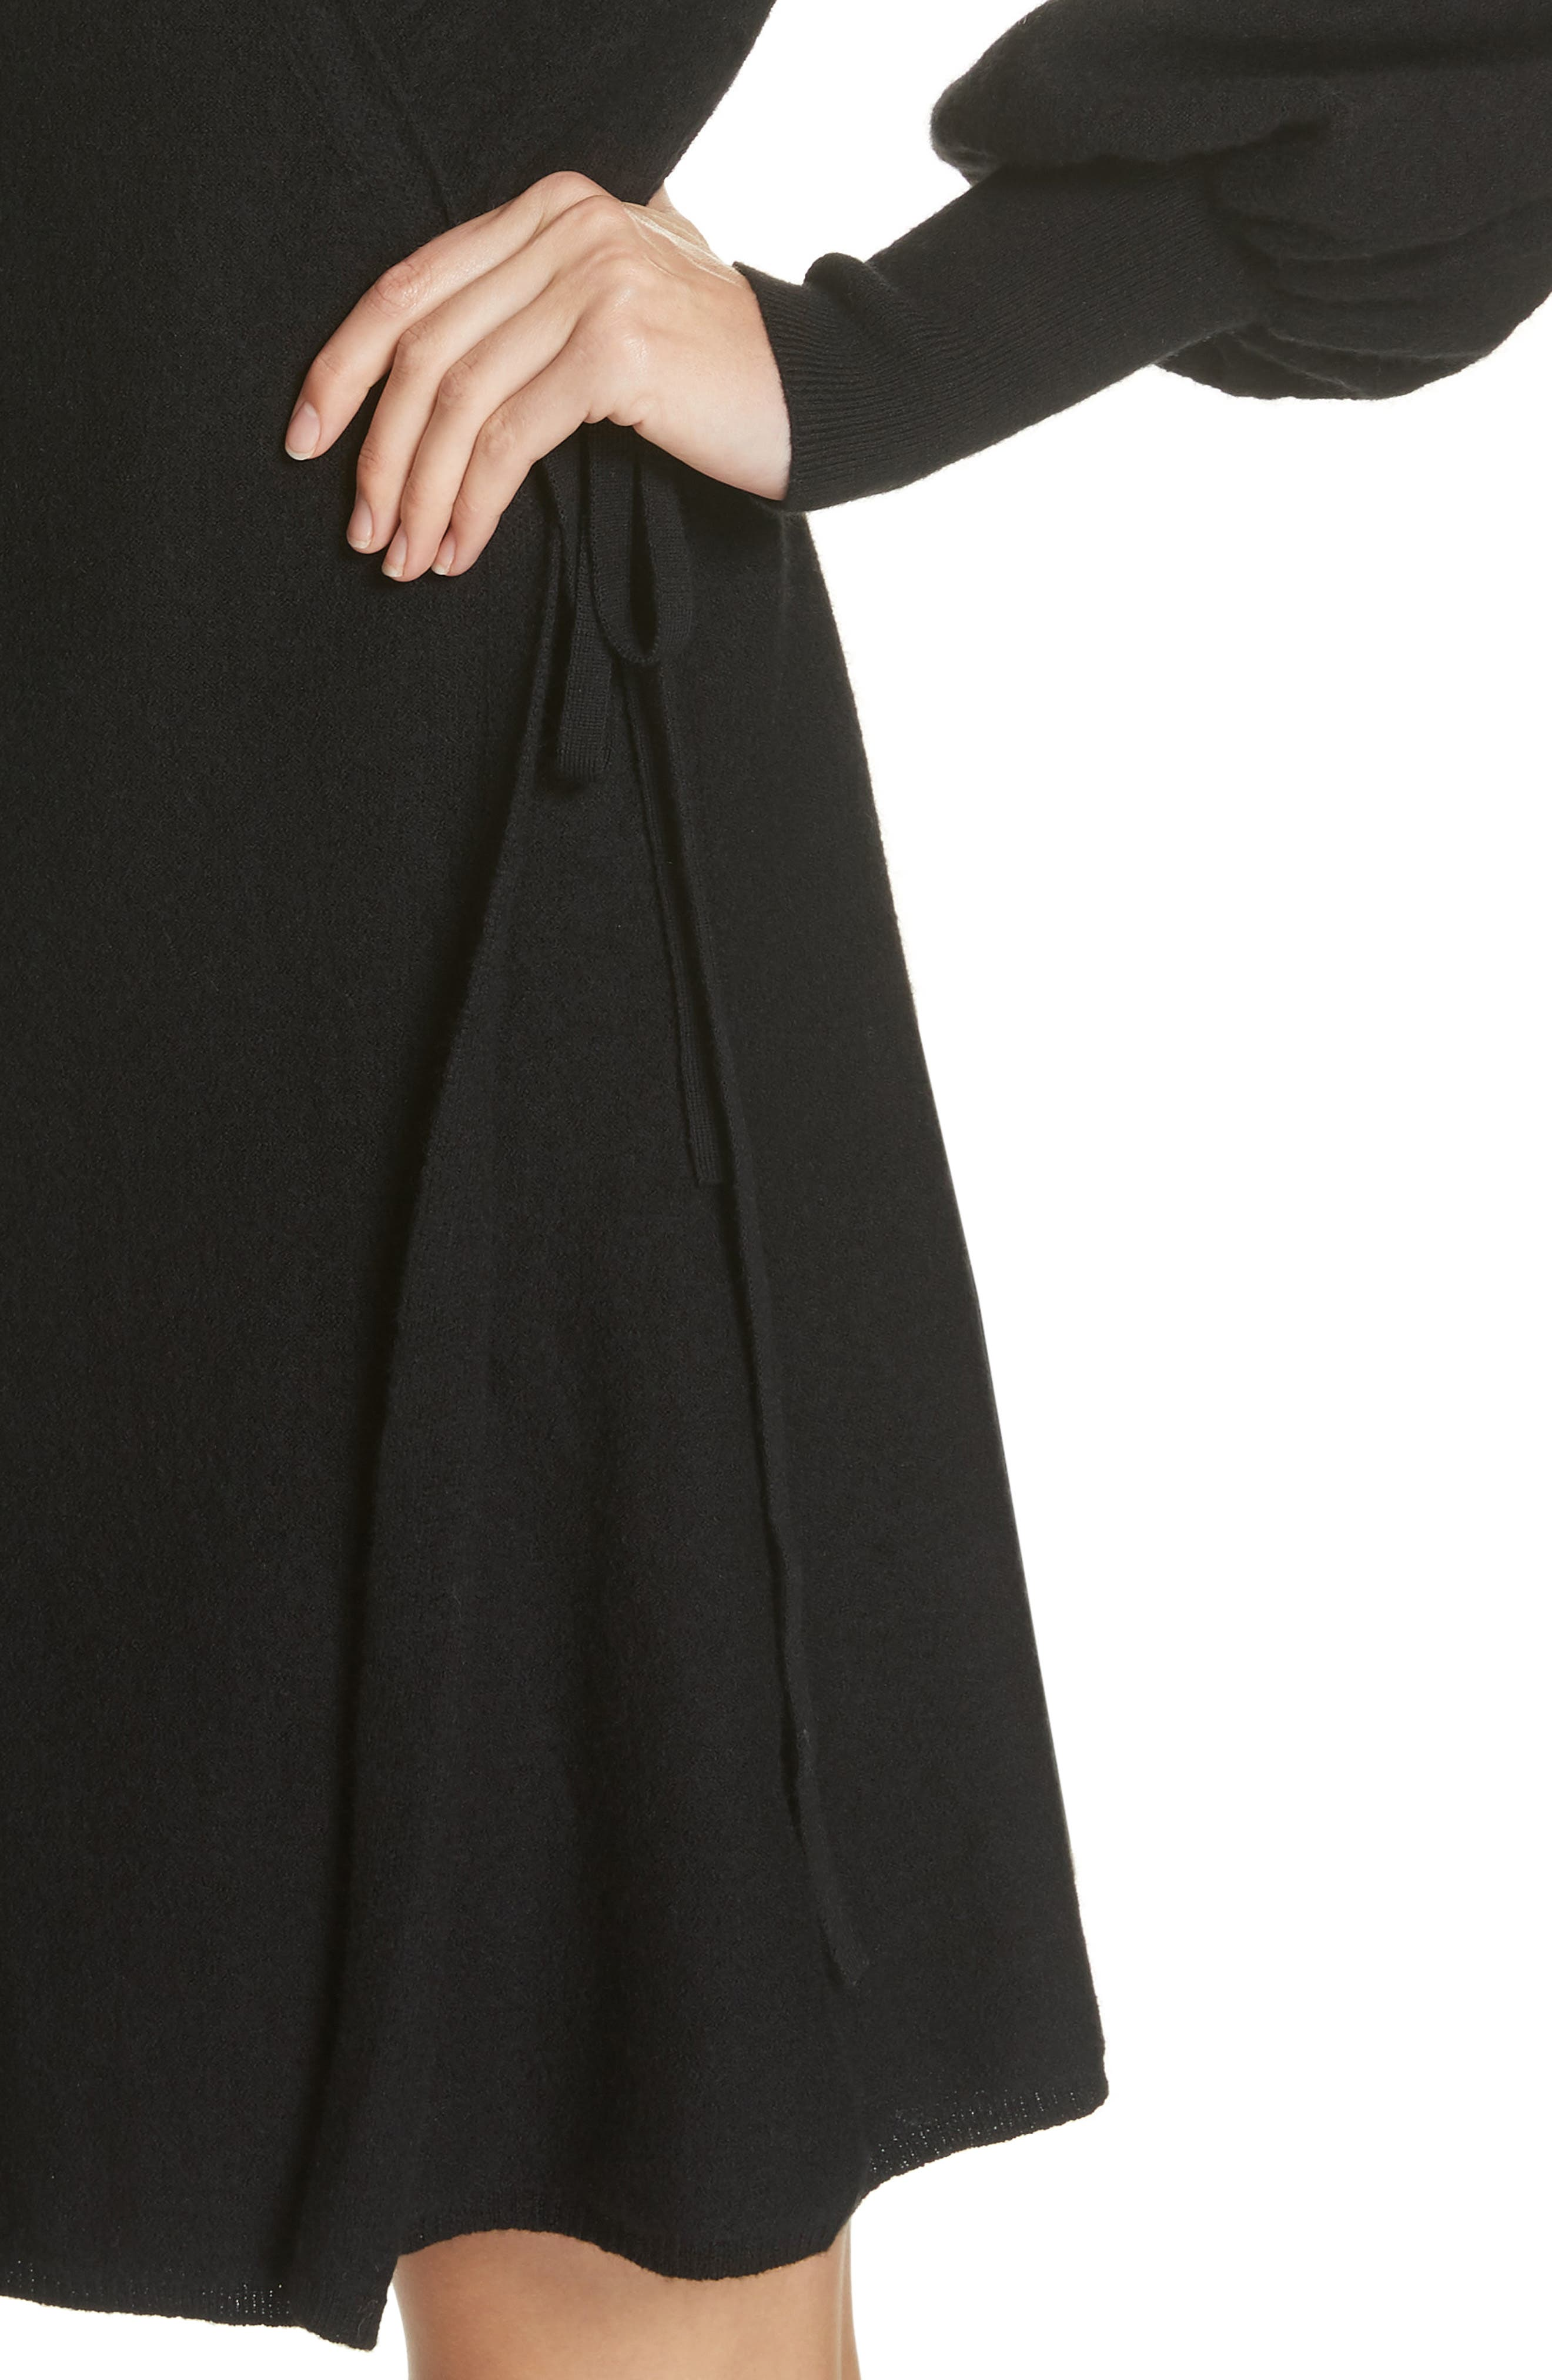 Sevilla Wool Felt Dress,                             Alternate thumbnail 4, color,                             001